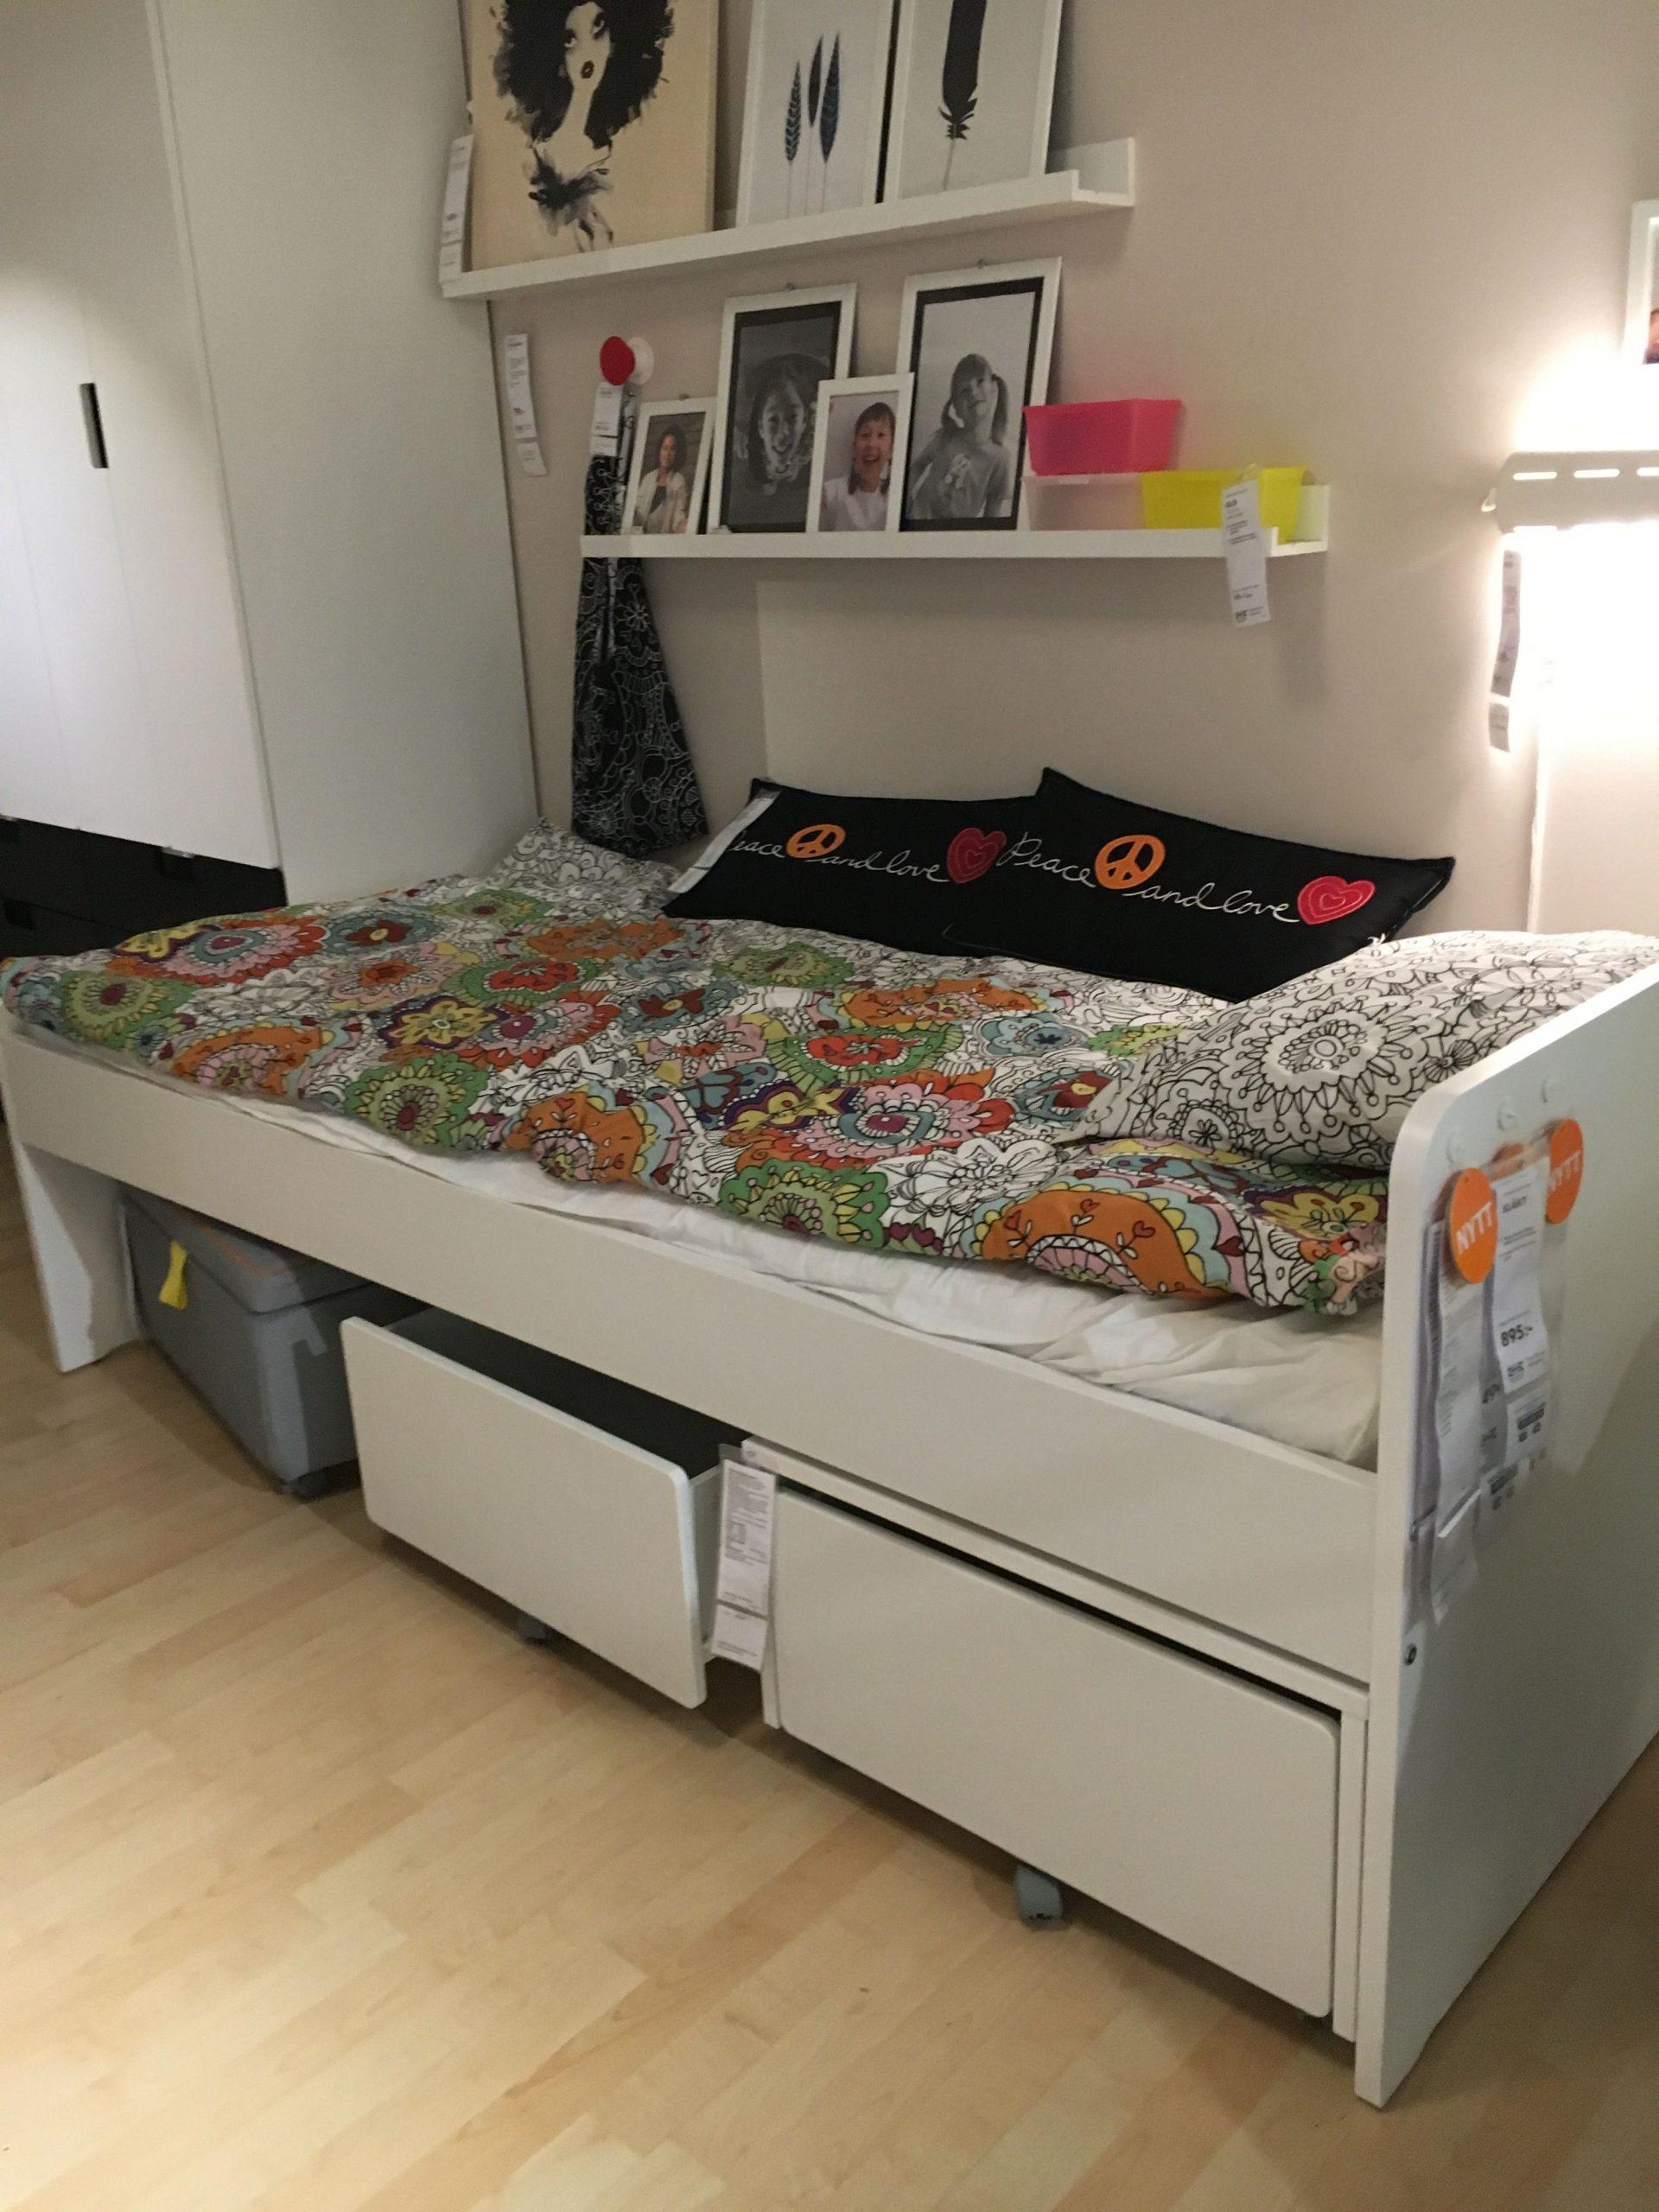 Full Size of Ikea Bett Kinder 100x200 Weiß 90x200 Xxl Betten 120x200 Landhausstil Kleinkind Sofa Mit Bettkasten Konzentrationsschwäche Bei Schulkindern Wand Spielküche Wohnzimmer Ikea Bett Kinder